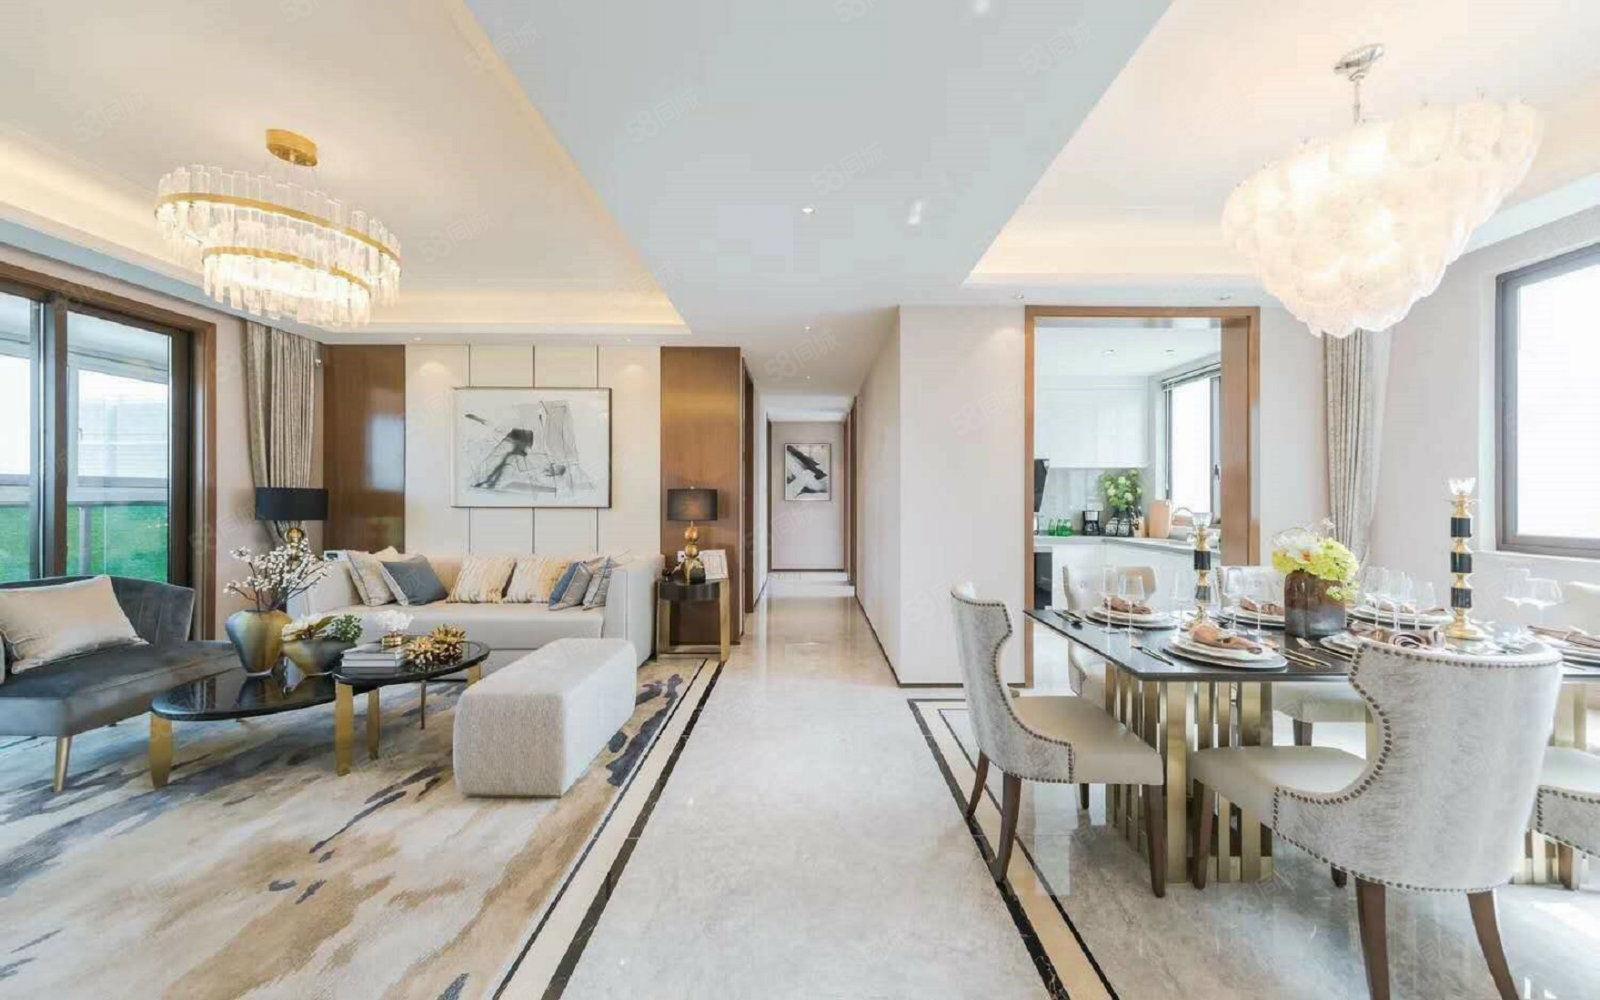 塘桥镇碧桂园尚东区楼层好102平128万毛坯,户型好前后阳台